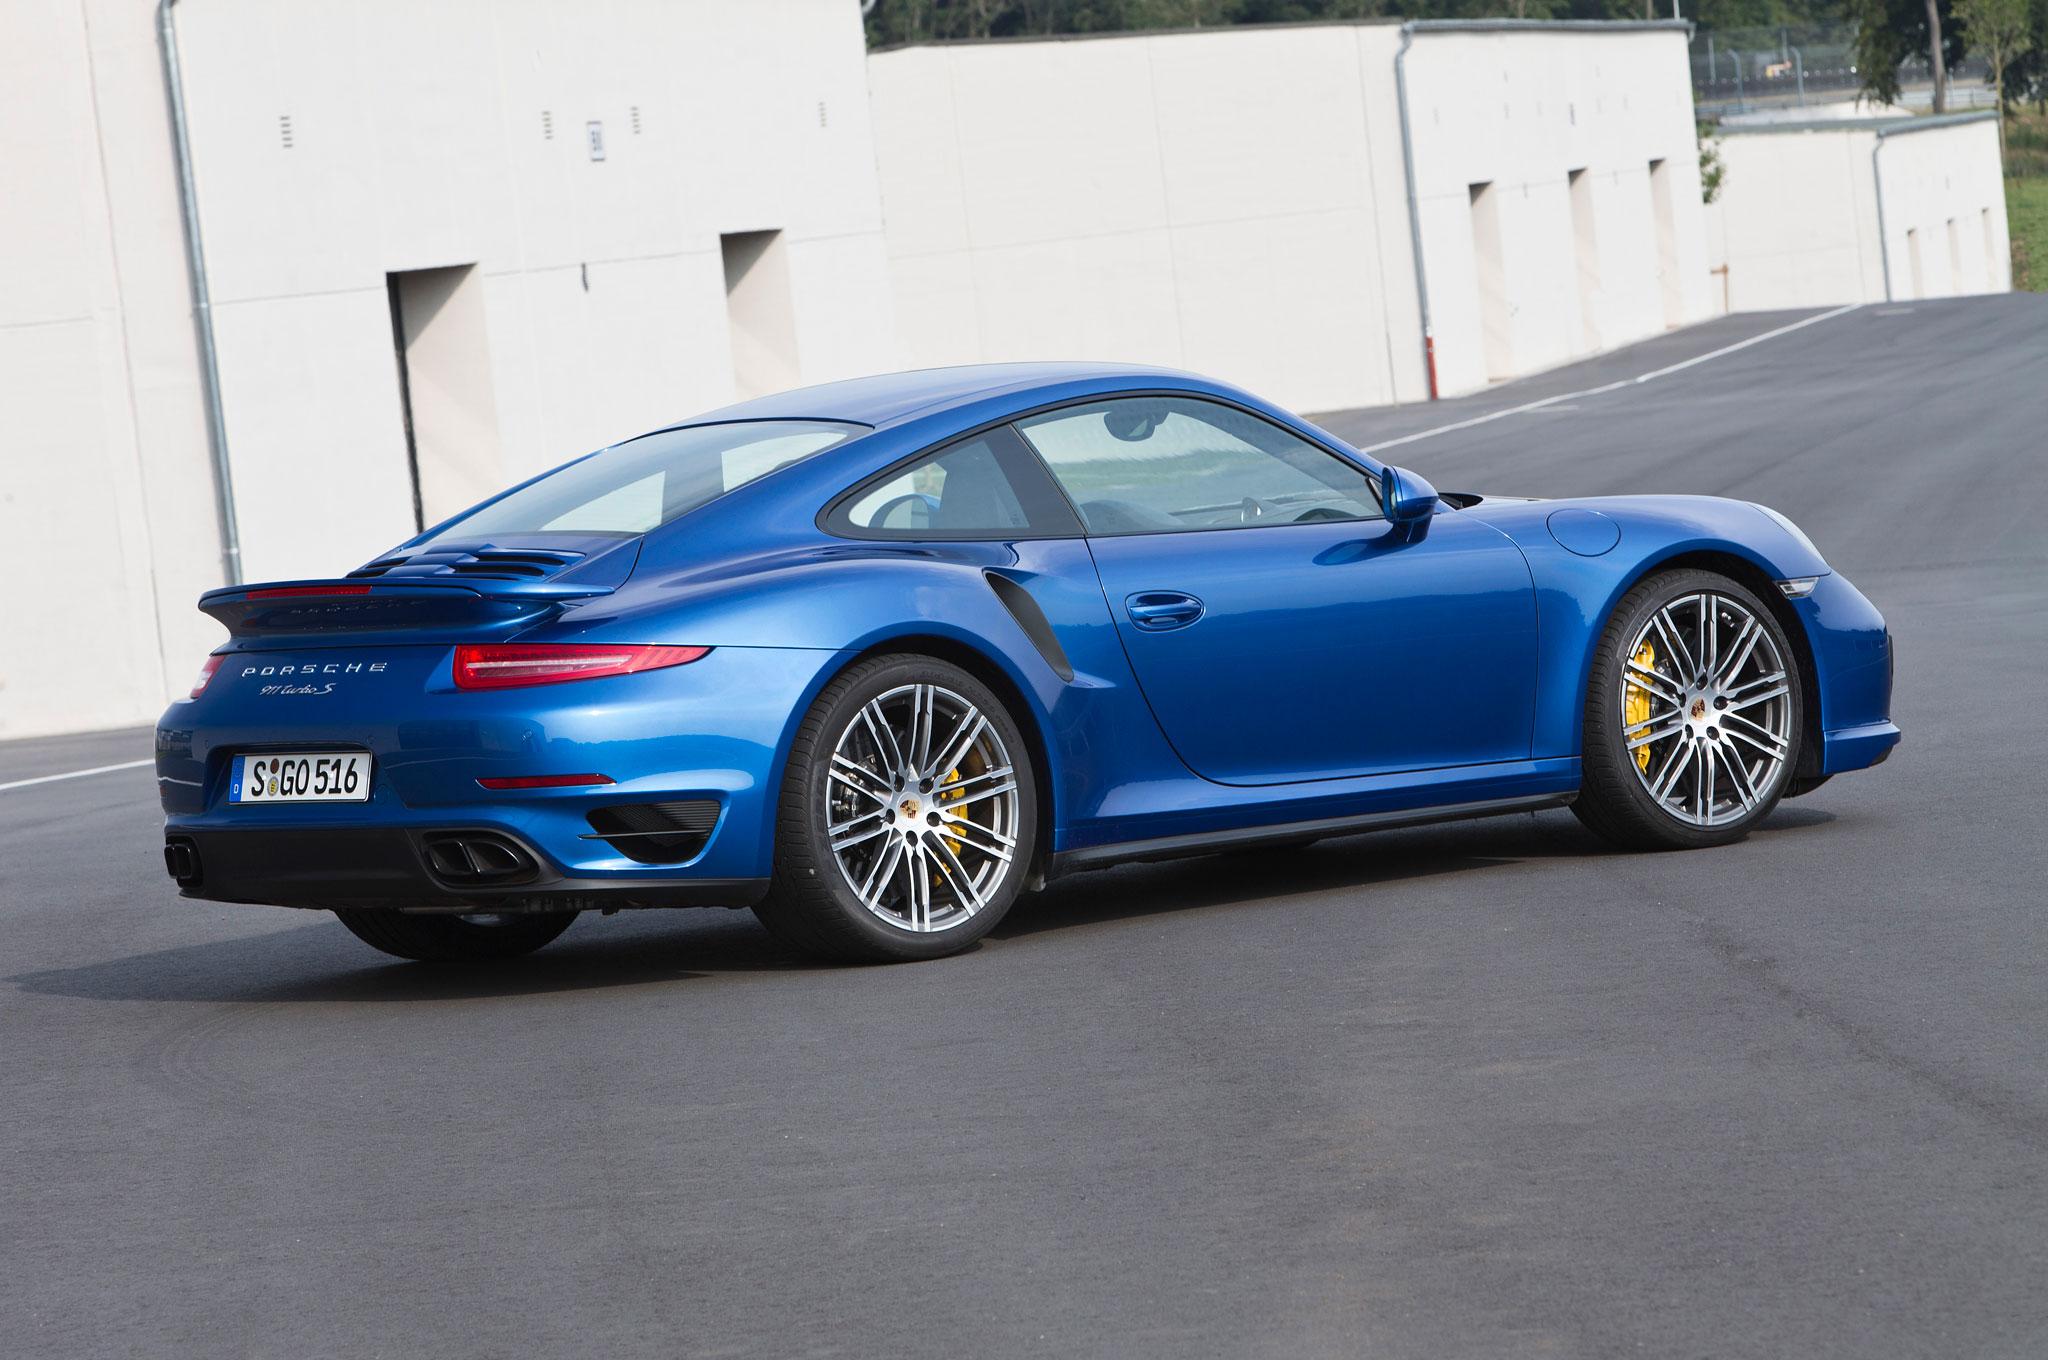 2014 porsche 911 turbo s rear right side view - 911 Porsche Turbo 2014